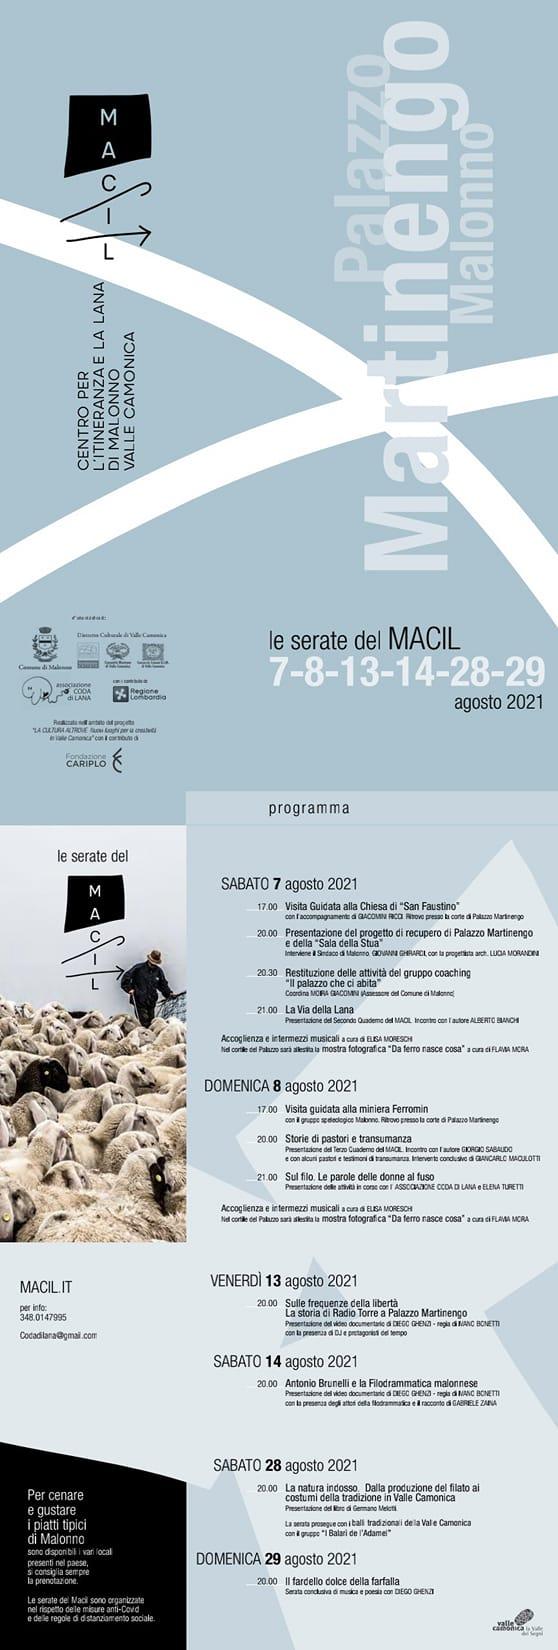 Le serate del Macil - Agosto 2021 - La cultura altrove - Valle Camonica